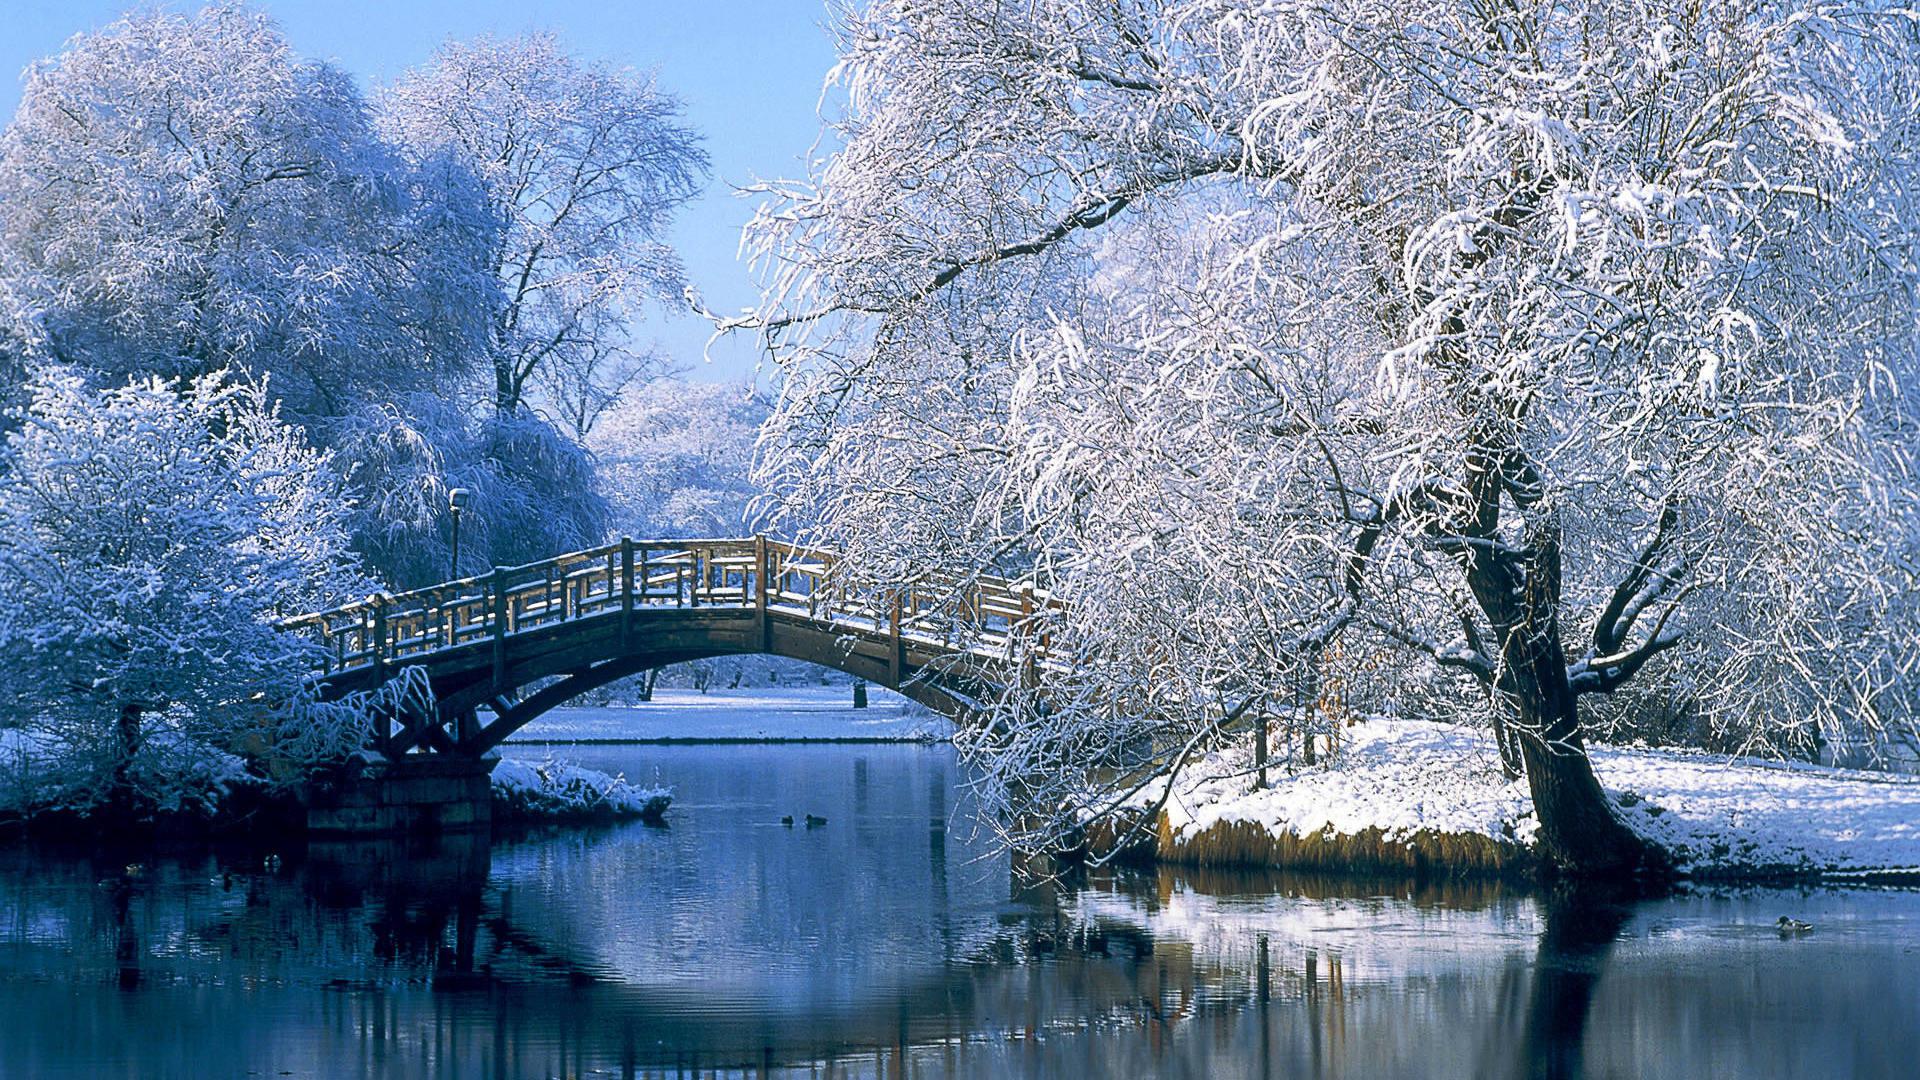 park central hiver nature paysages images albums 1920x1080